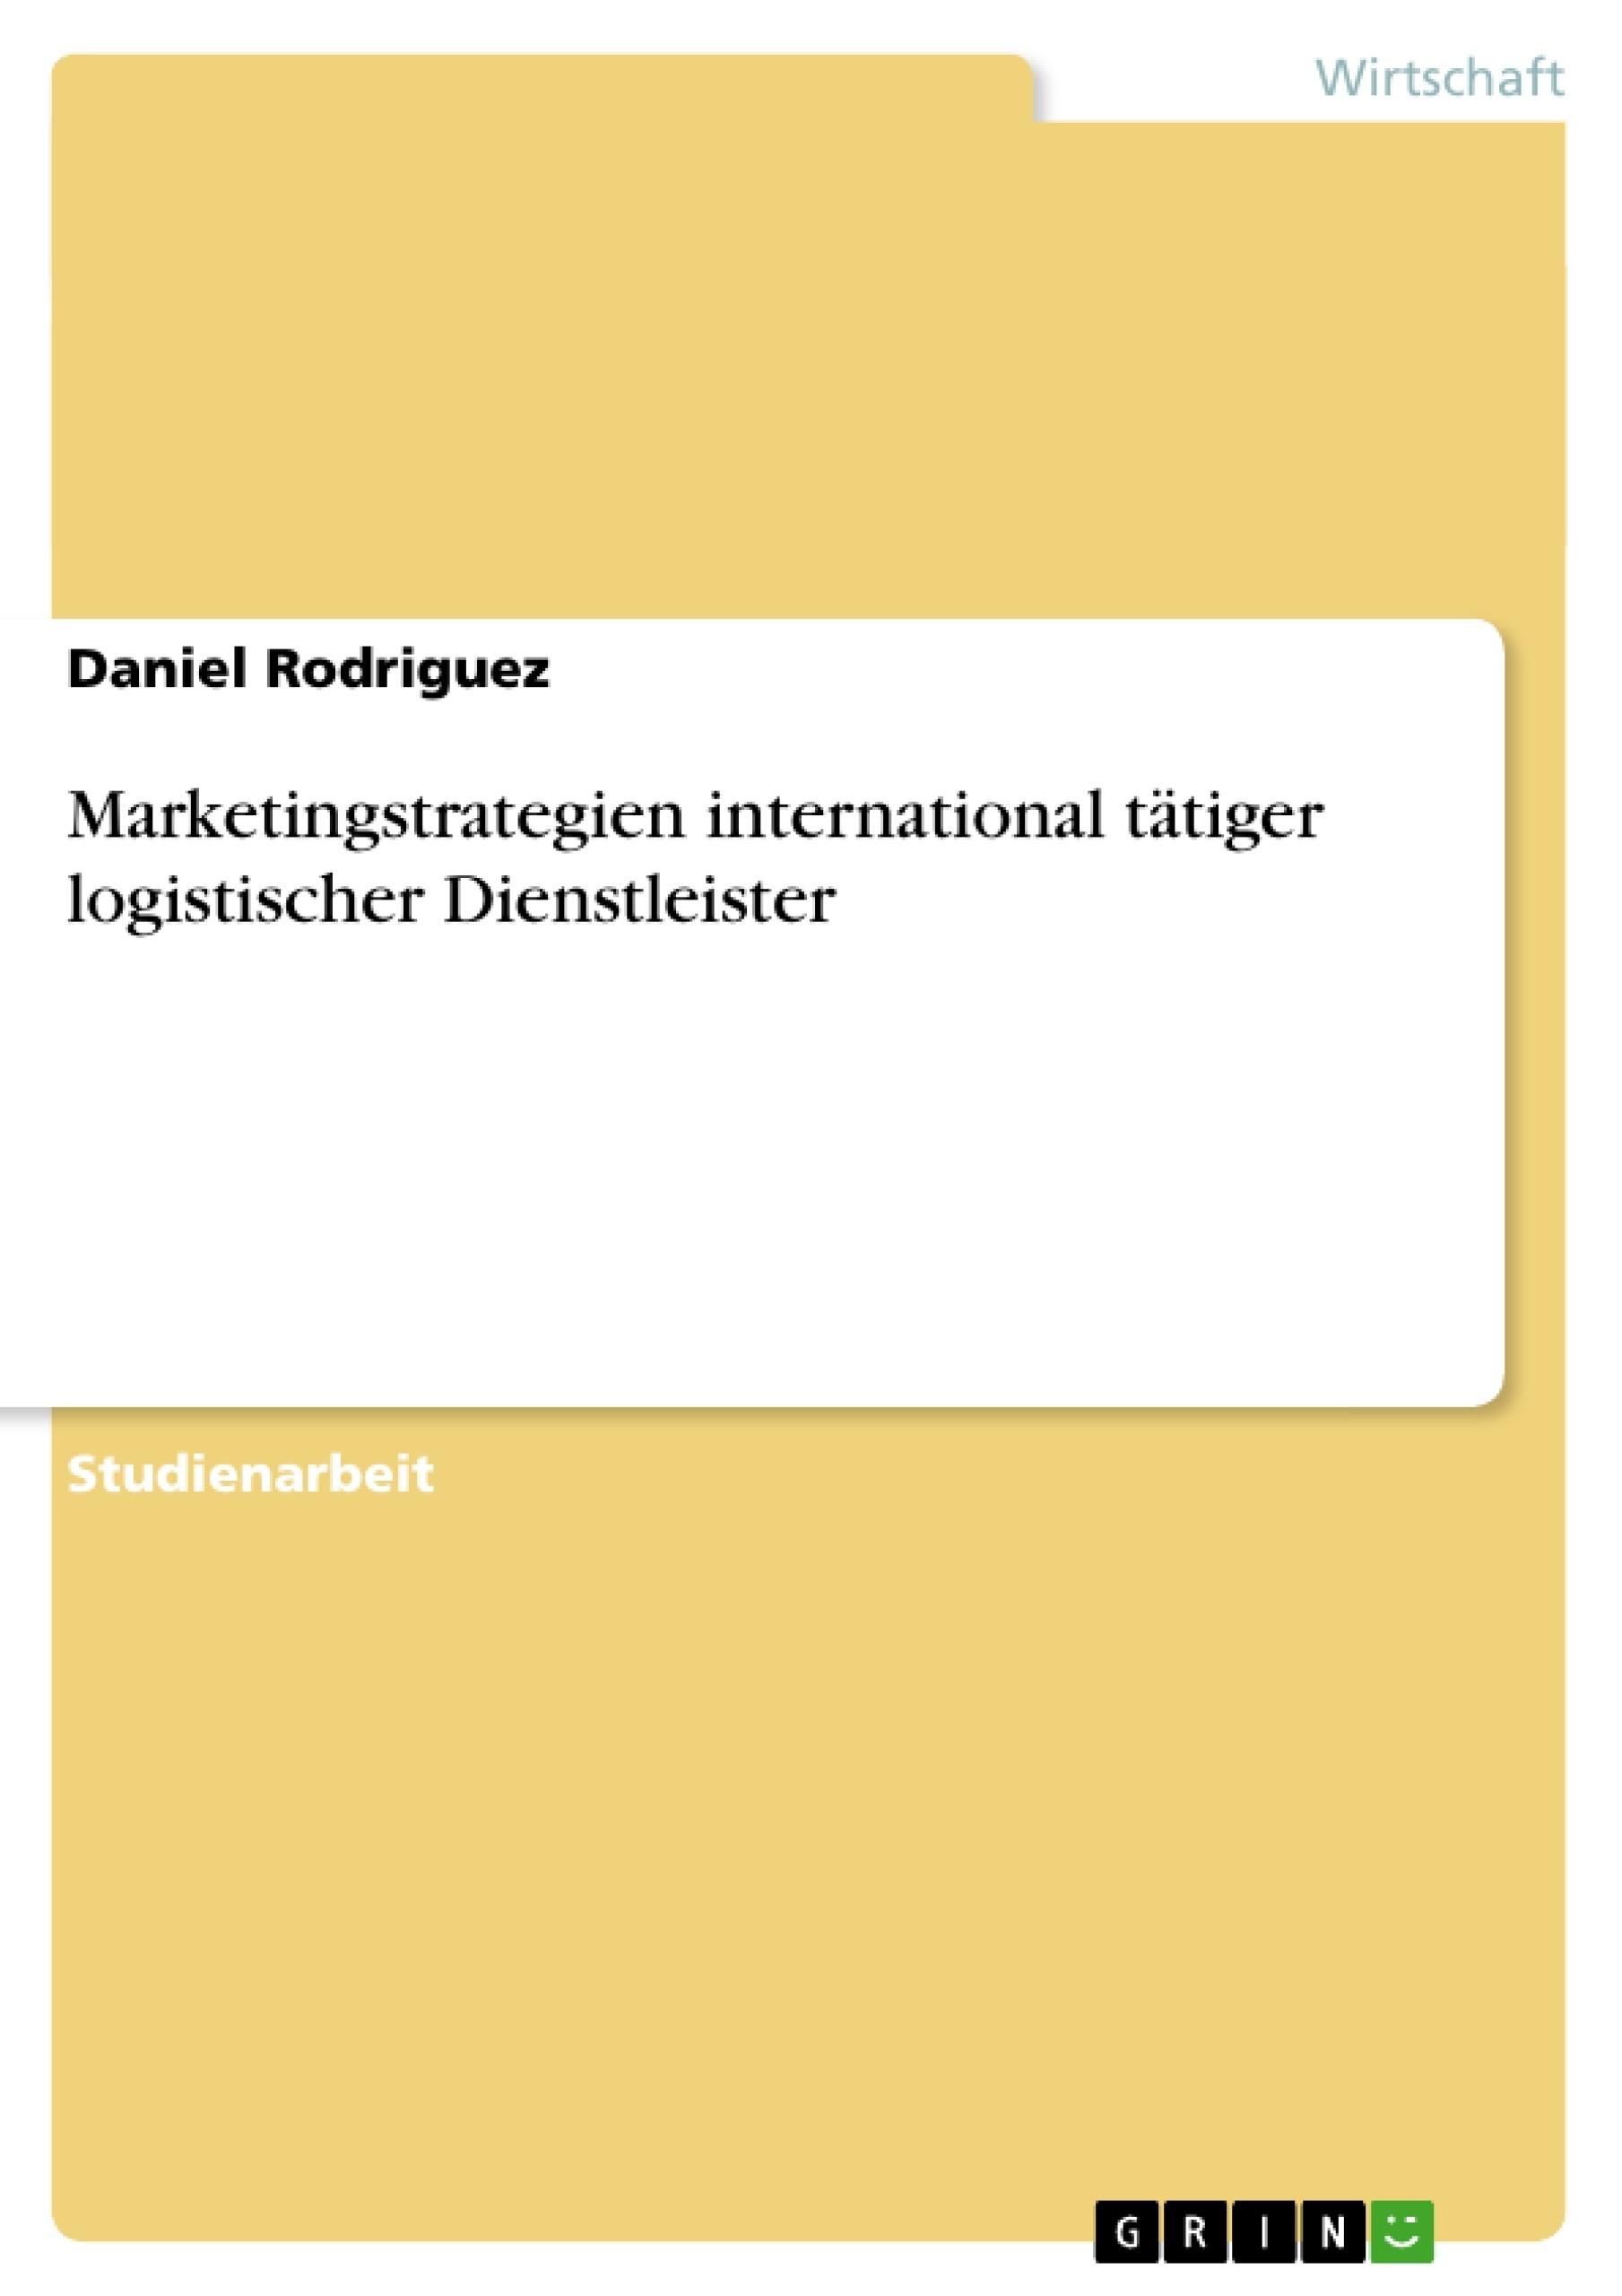 Titel: Marketingstrategien international tätiger logistischer Dienstleister